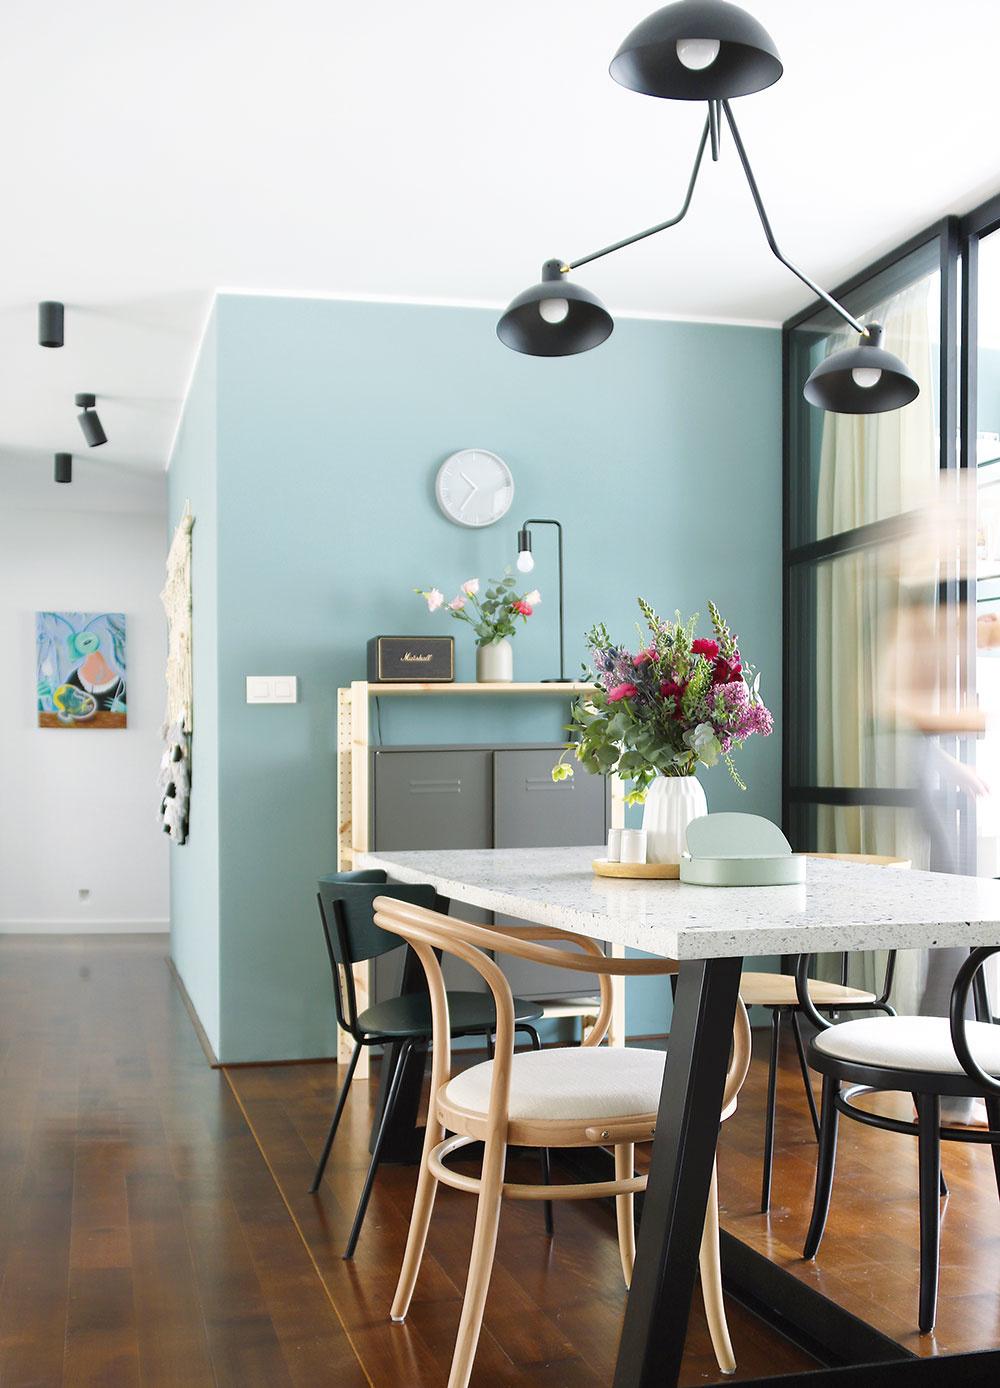 Veľký jedálenský stôl je dominantným kusom nábytku, ktorý si prirodzene žiada originalitu. Tú získal vďaka kombinácii terazzovej dosky akovovej podnože. Spolu snimi však nadobudol aj veľkú hmotnosť, sktorou je nutné počítať.